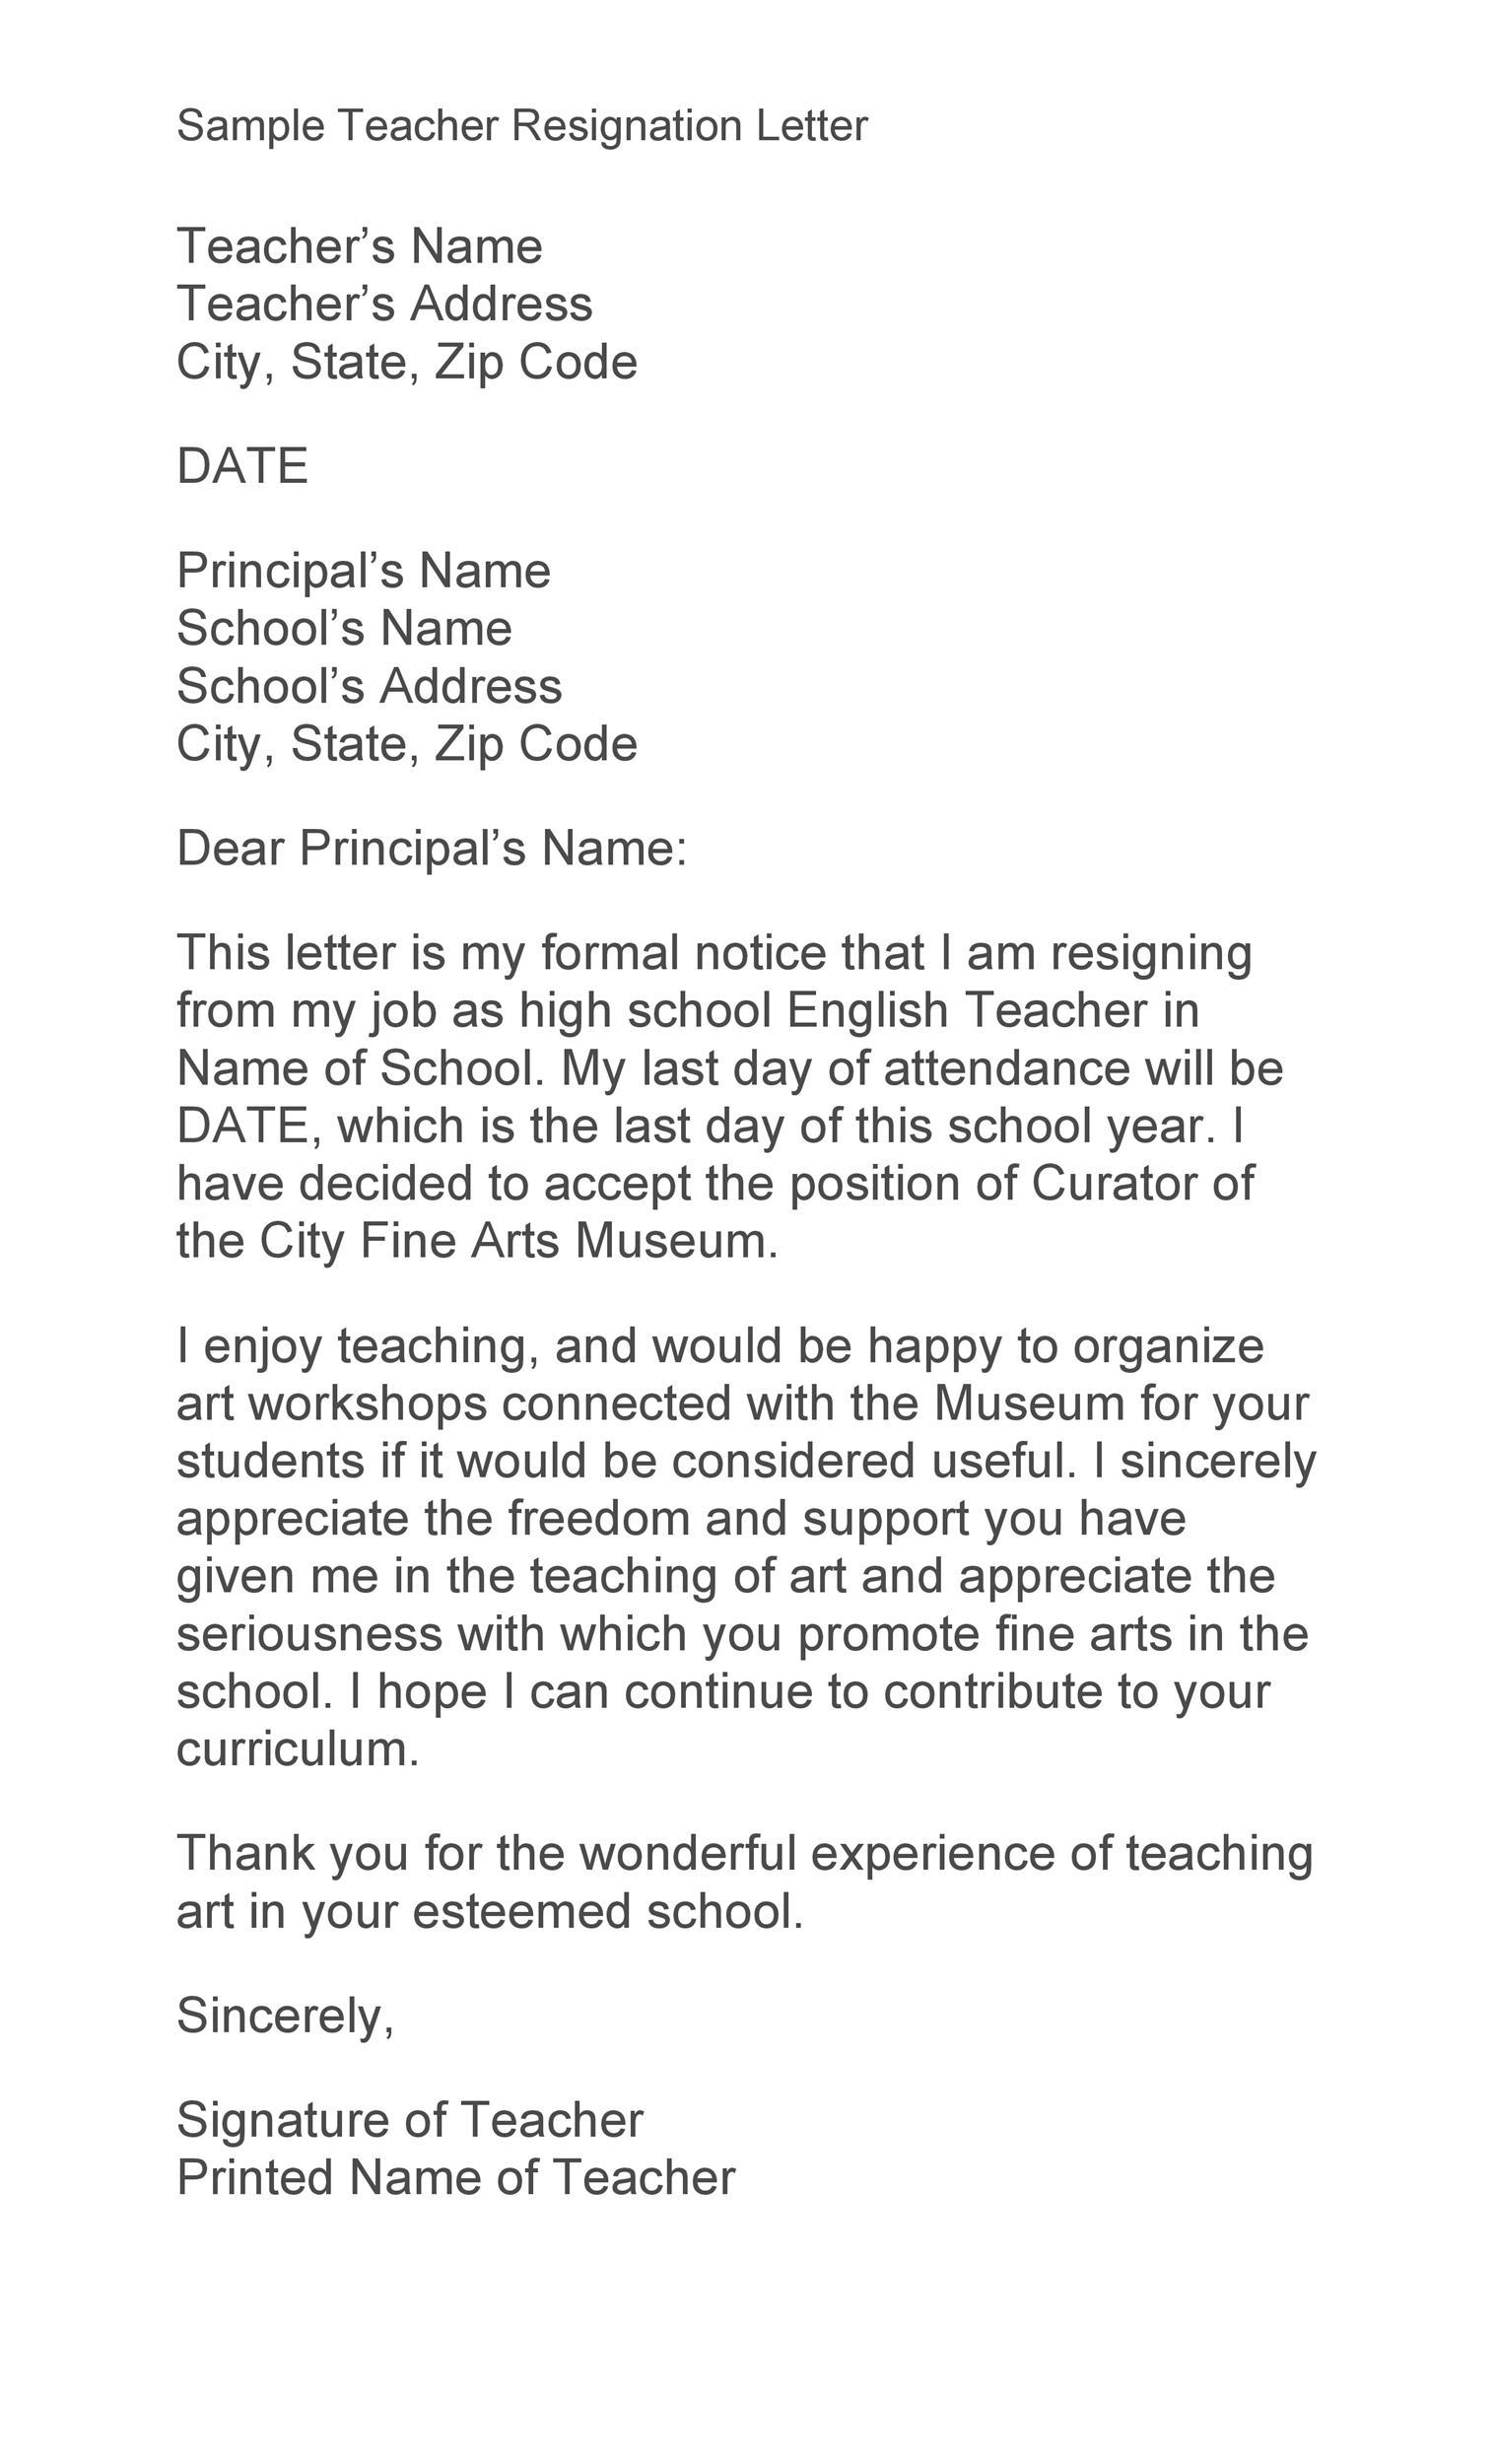 Free teacher resignation letter 16